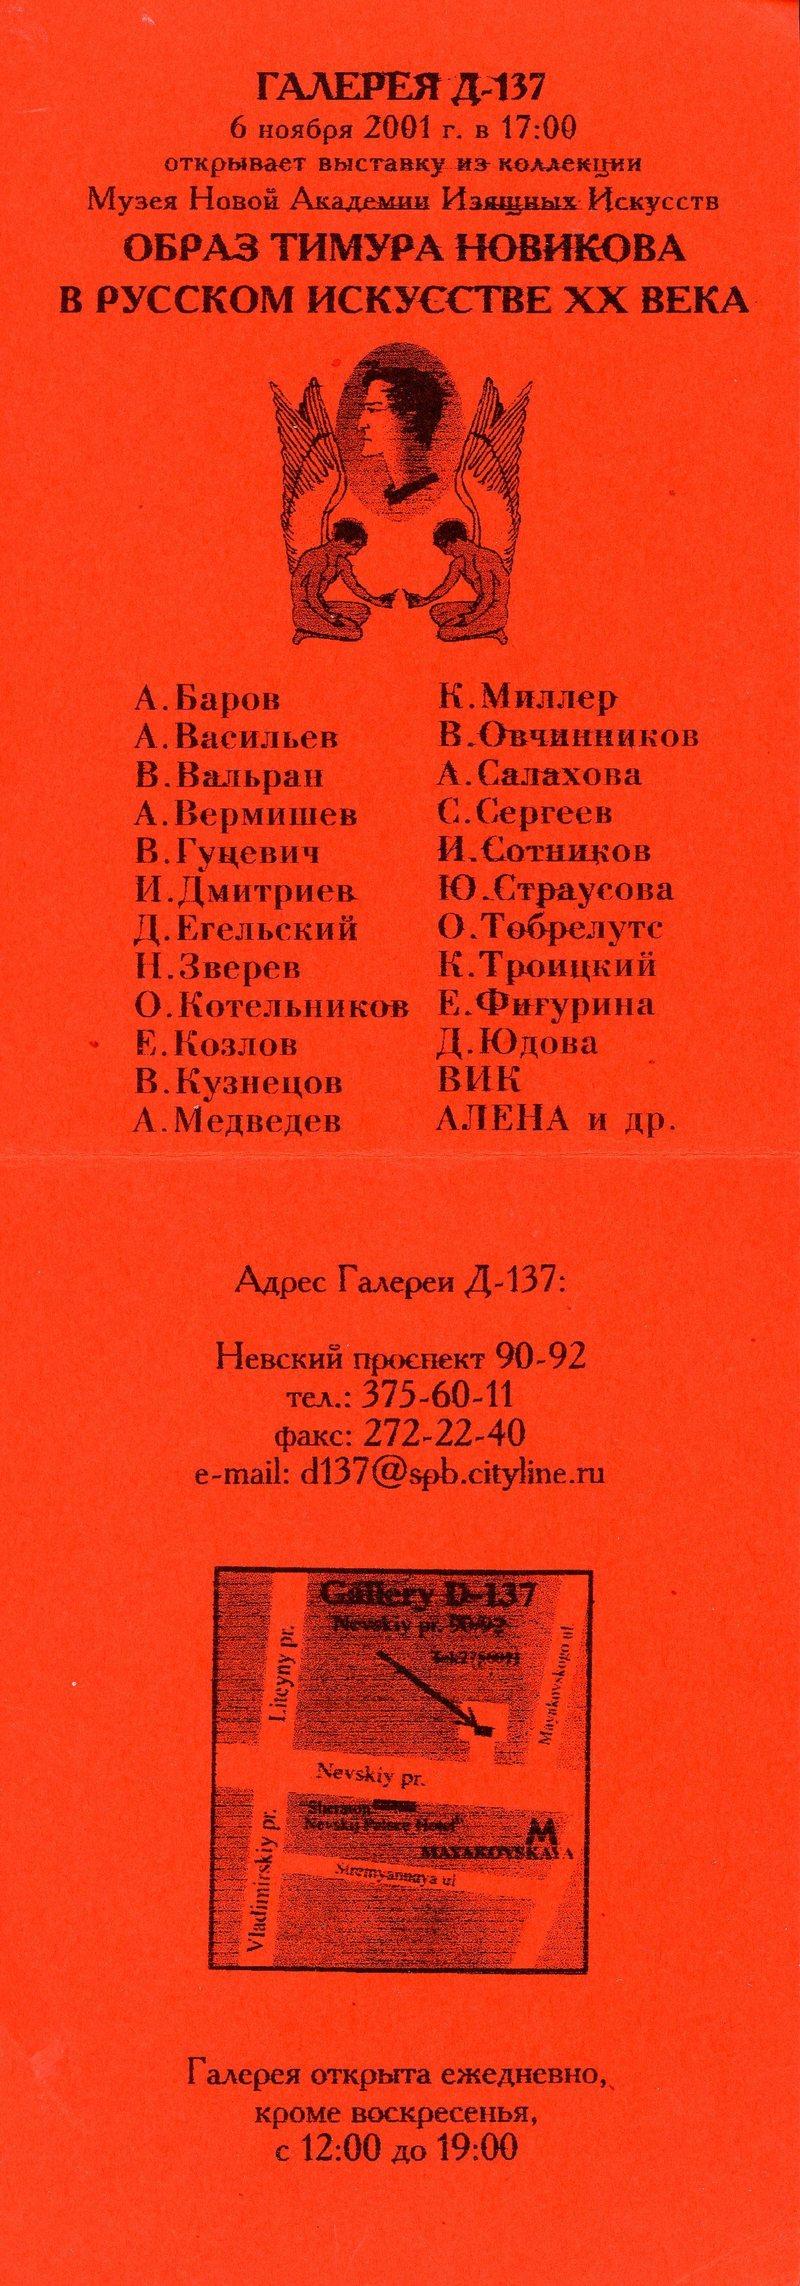 Образ Тимура Новикова в русском искусстве ХХ века